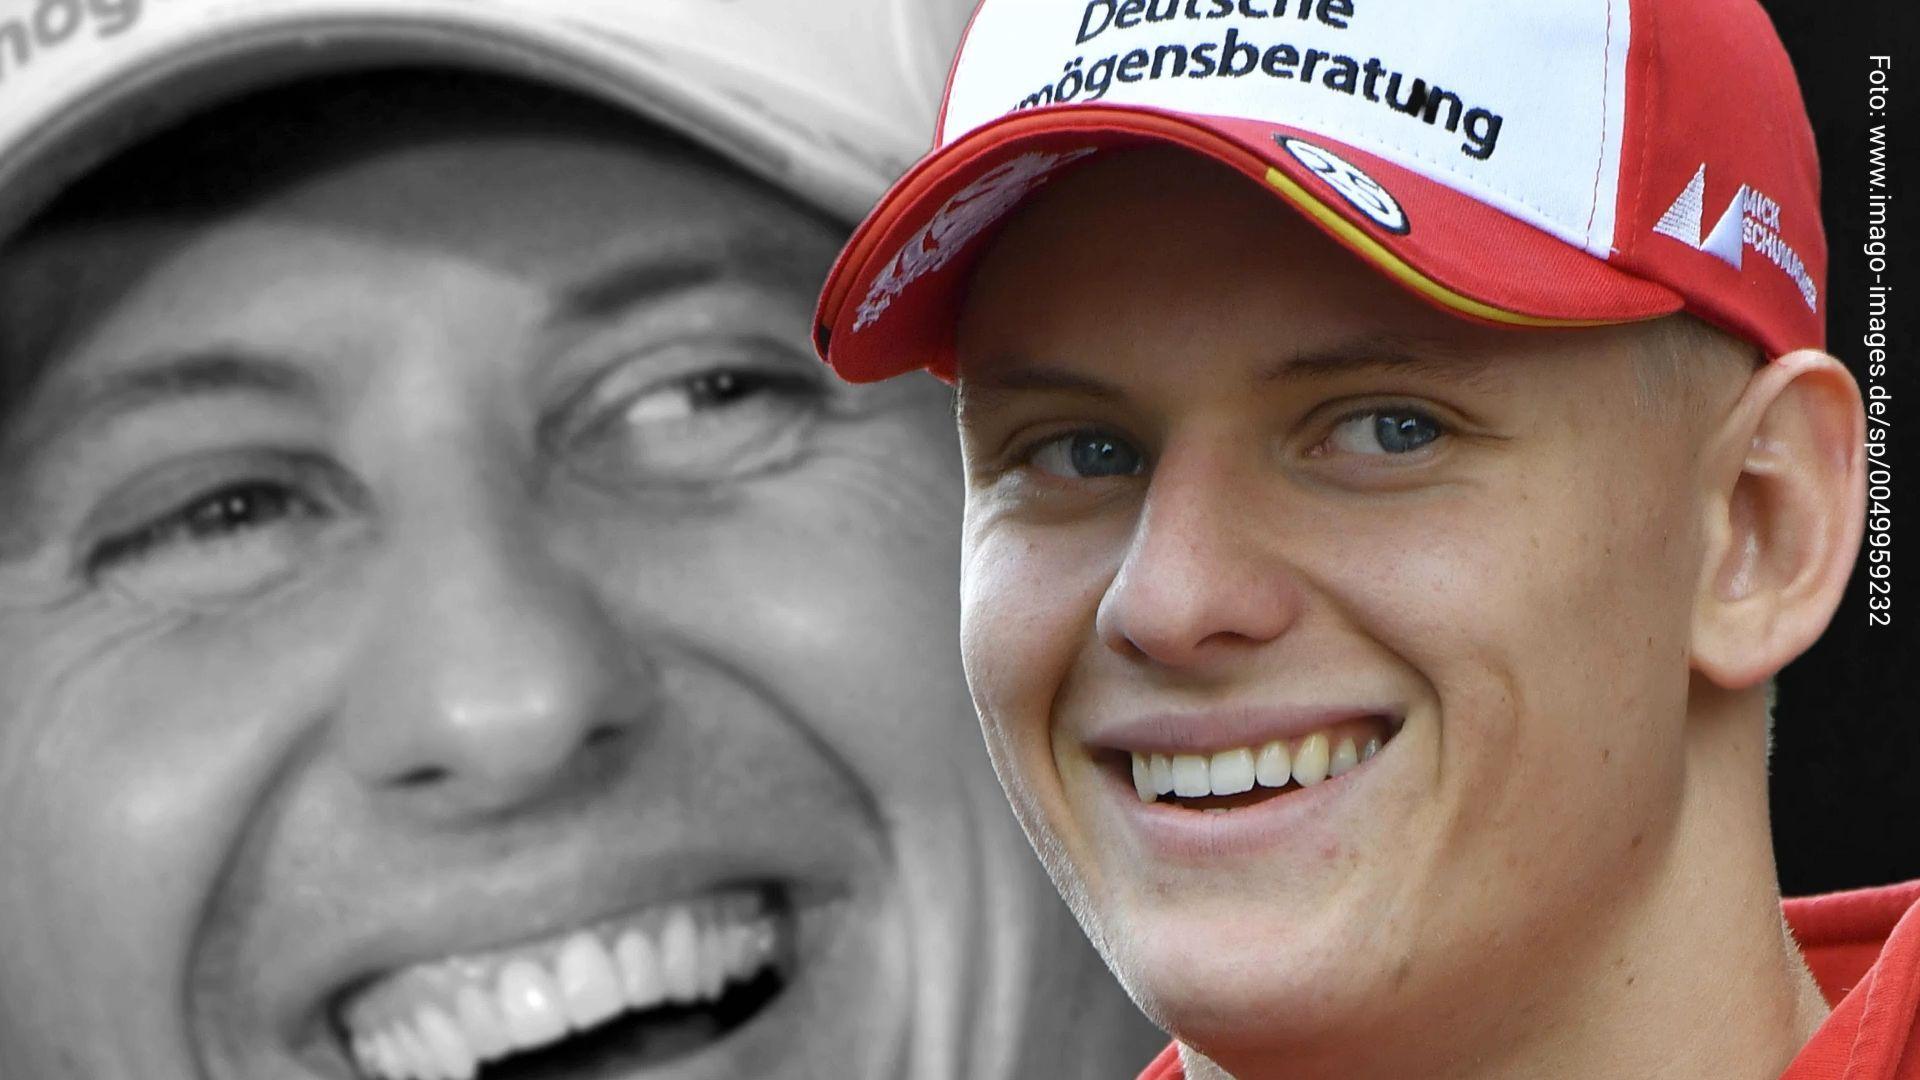 Michael Schumachers Kinder auf Erfolgswelle